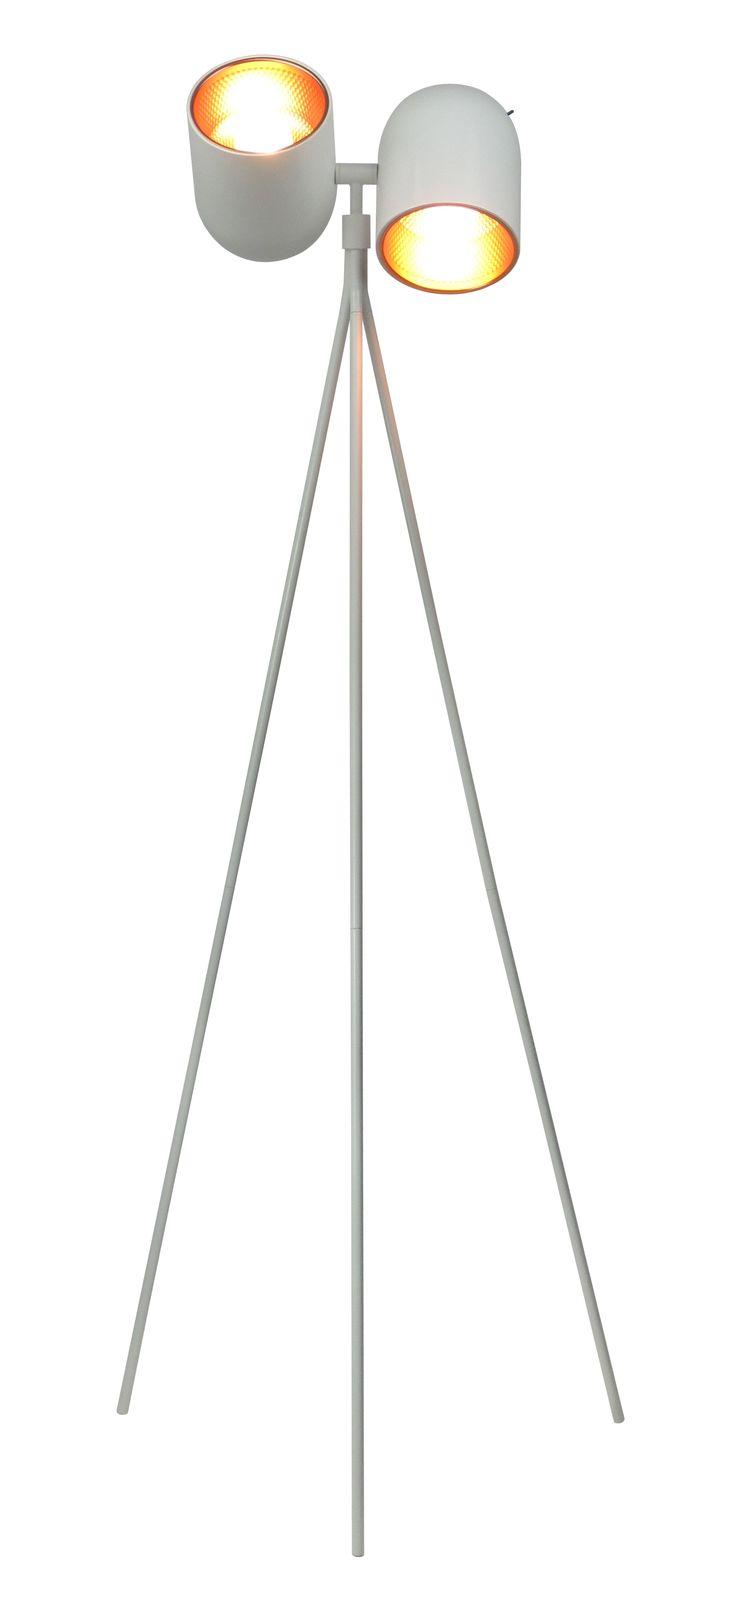 Lampa podłogowa ASTON będzie doskonale pasować do nowoczesnych pomieszczeń. Środek lampy wykonany został z metalu w miedzianym kolorze, po włączeniu daje przyjemne dla oka światło. Klienci cenią ASTON za wyjątkowy design i jakość wykonania.